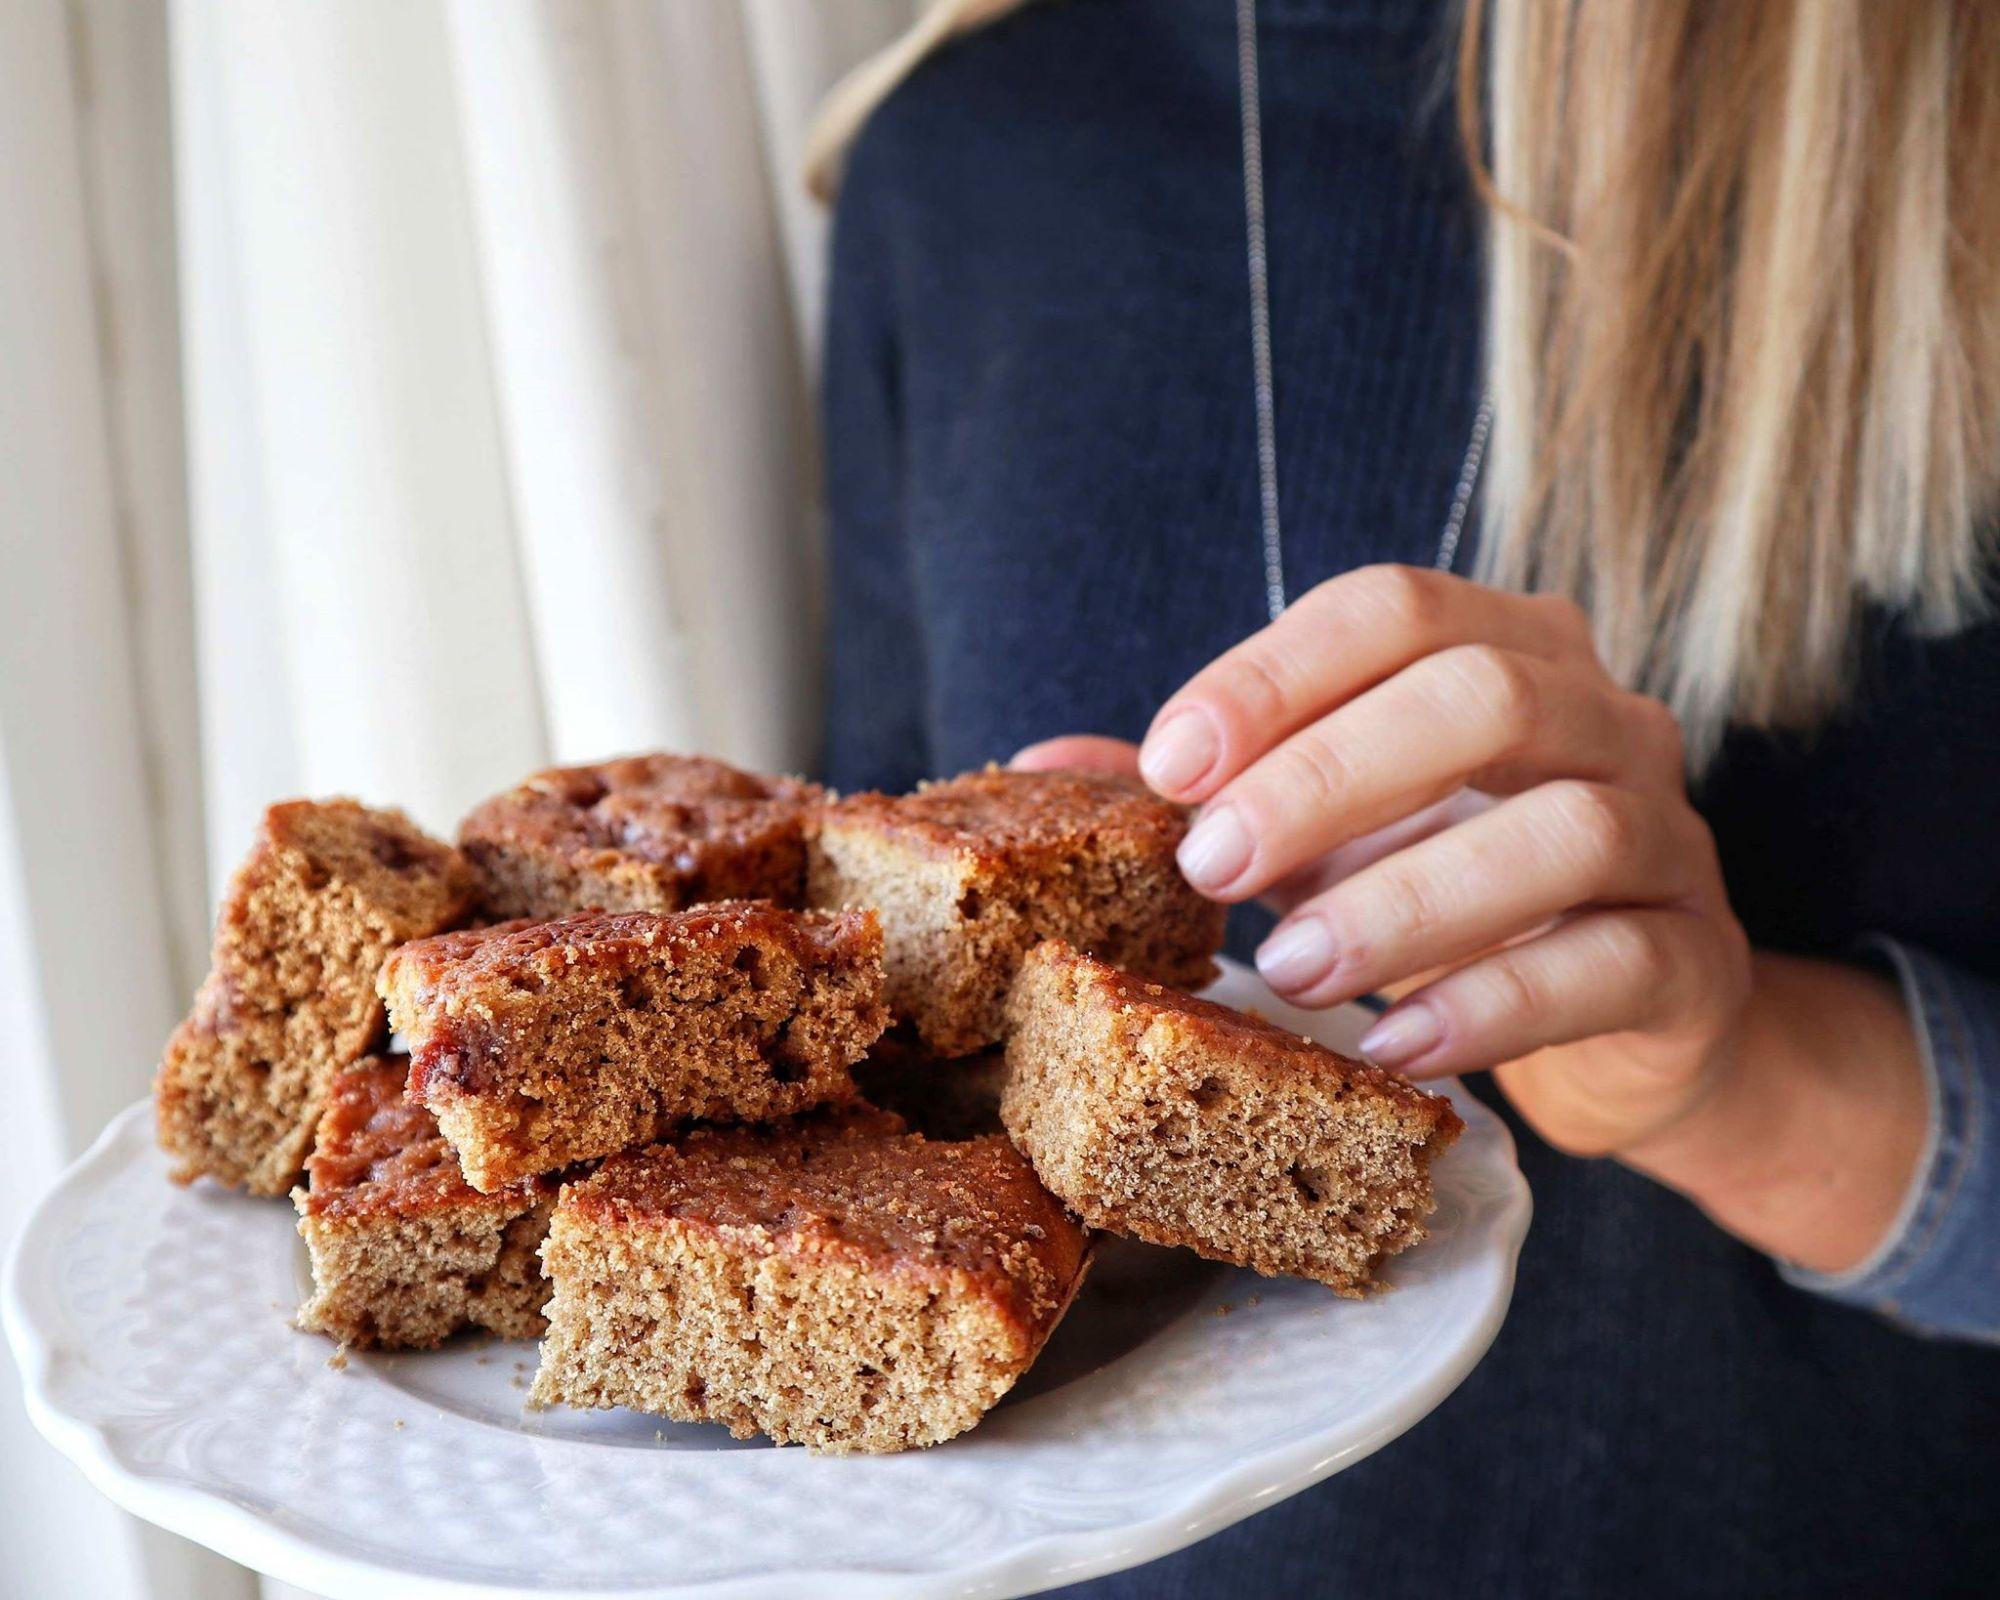 Torta soffice alla crema di mandorle - Ricetta - Non Chiamatela Dieta